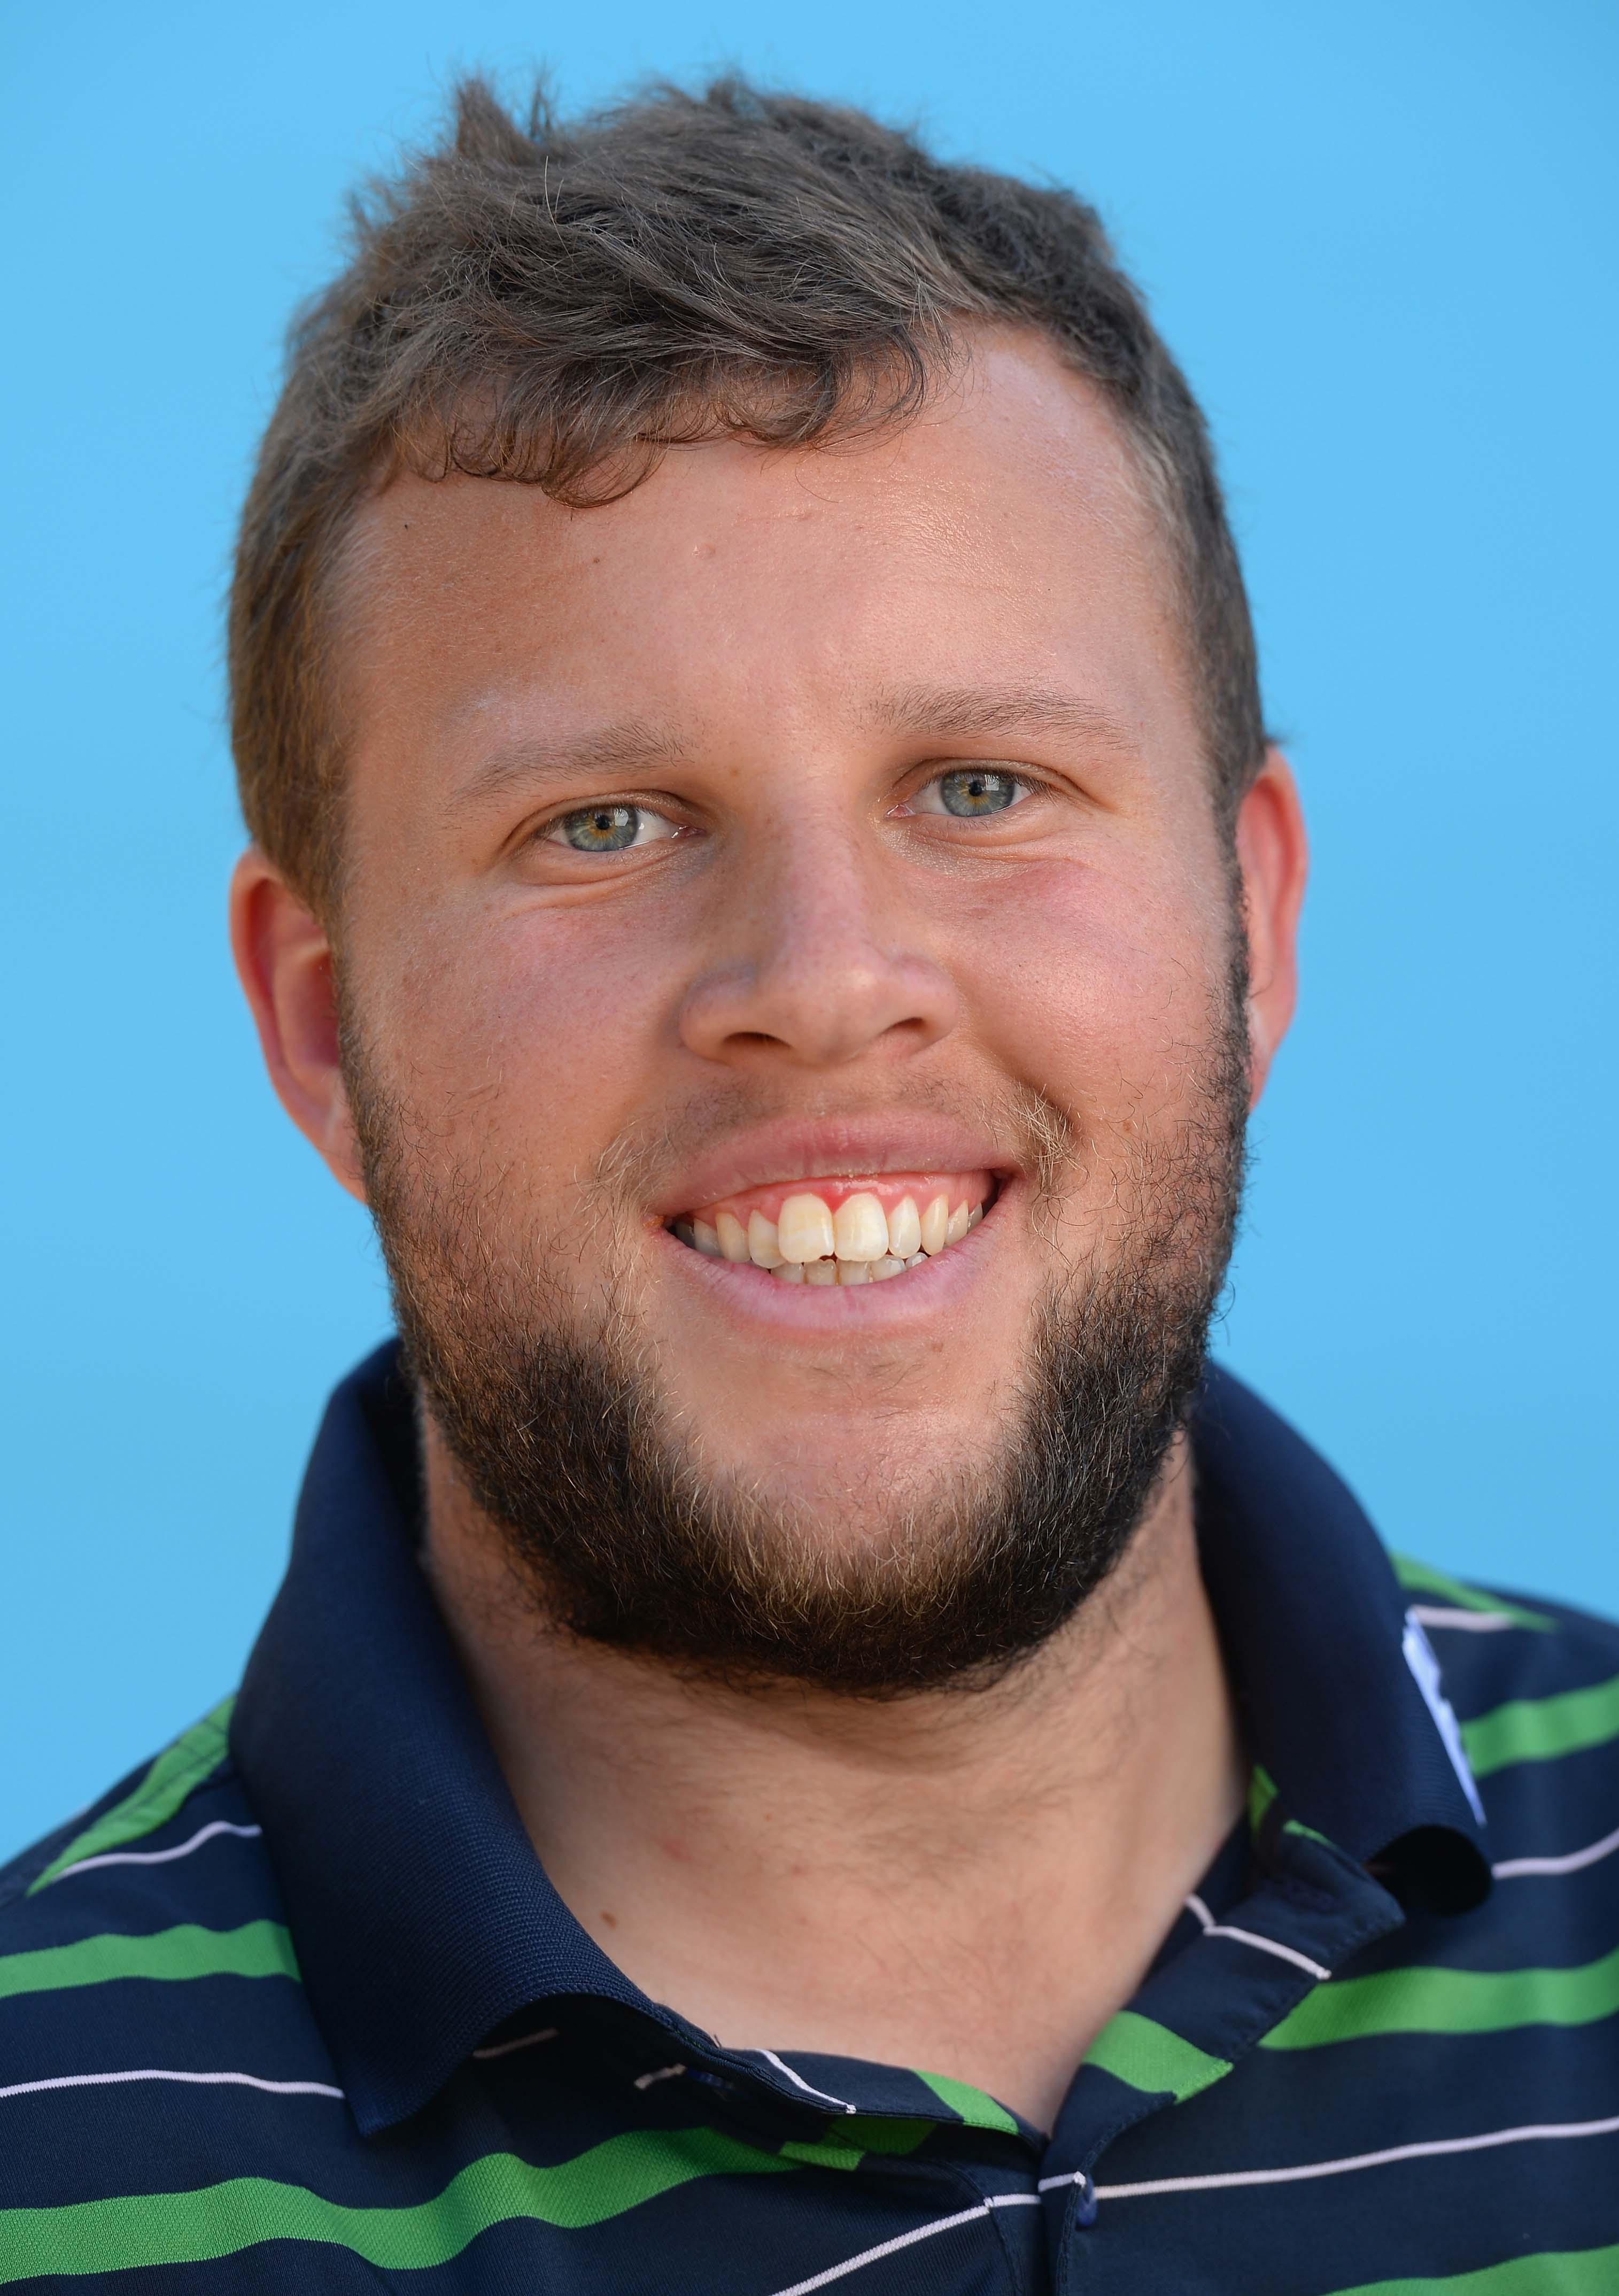 Andrew 'Beef' Johnston